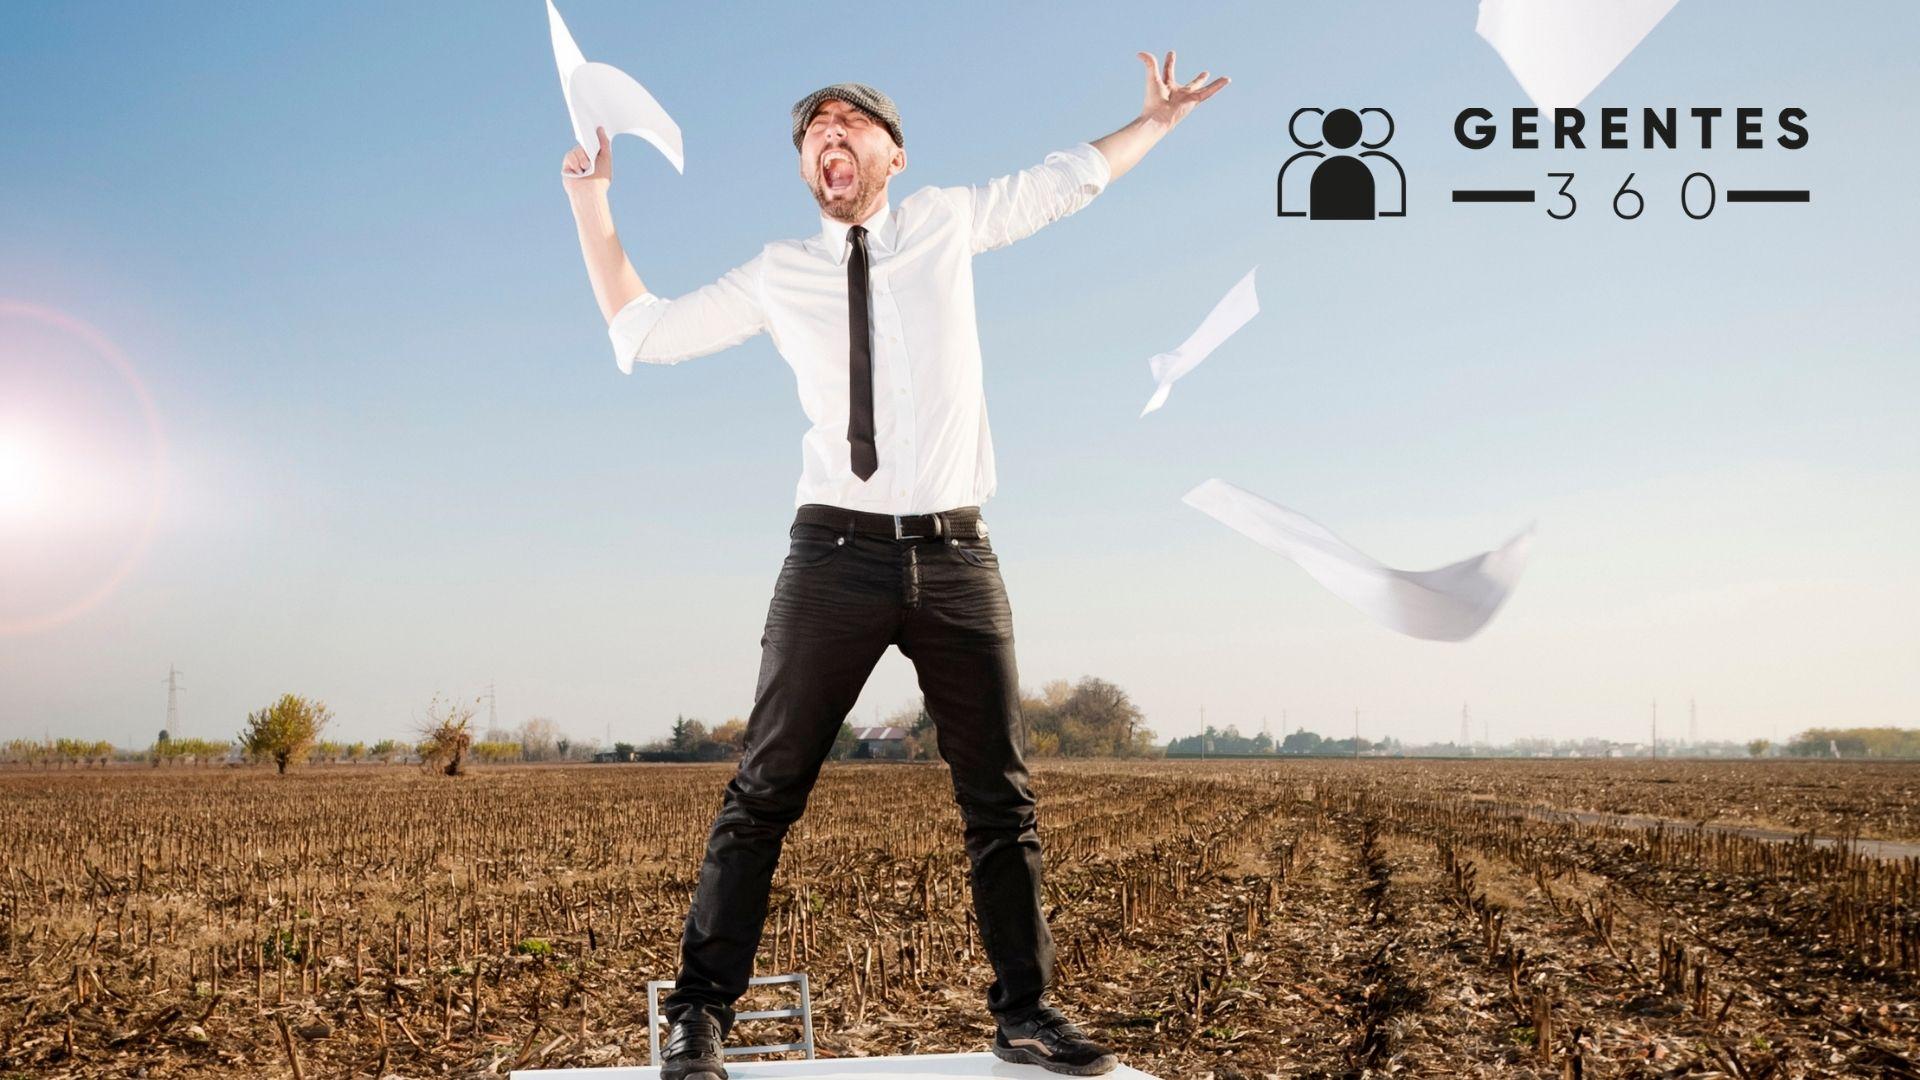 Cómo Ser un Desempleado Feliz, el Empleo en Tiempos de Pandemia y el Índice de Competitividad Digital - Video Blog Gerentes 360 Episodio # 10 - Octubre 5 de 2020